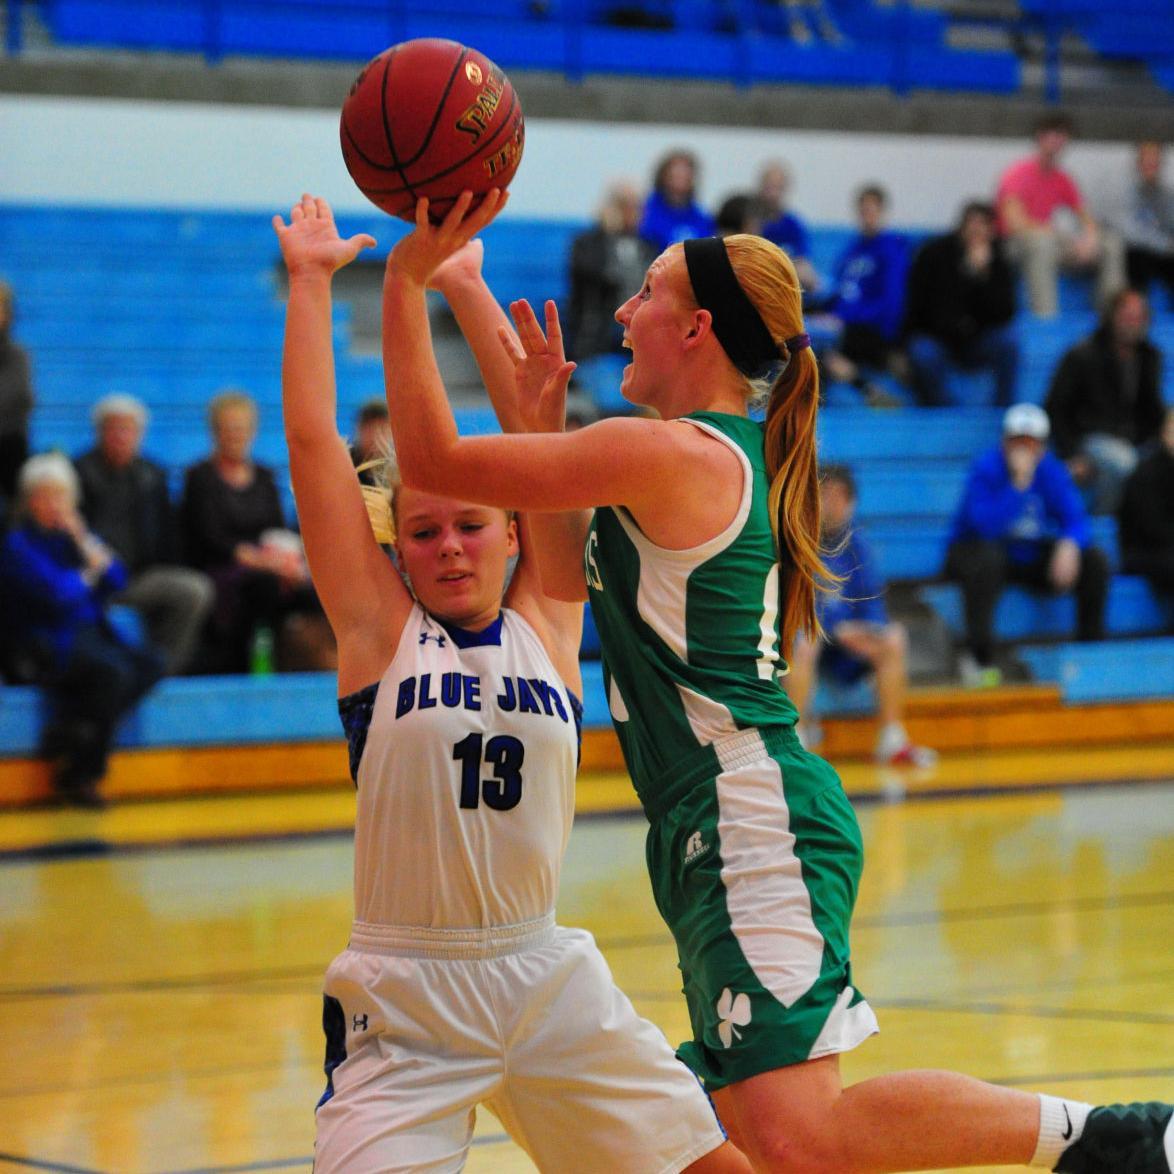 Girls Basketball — New Haven at Washington